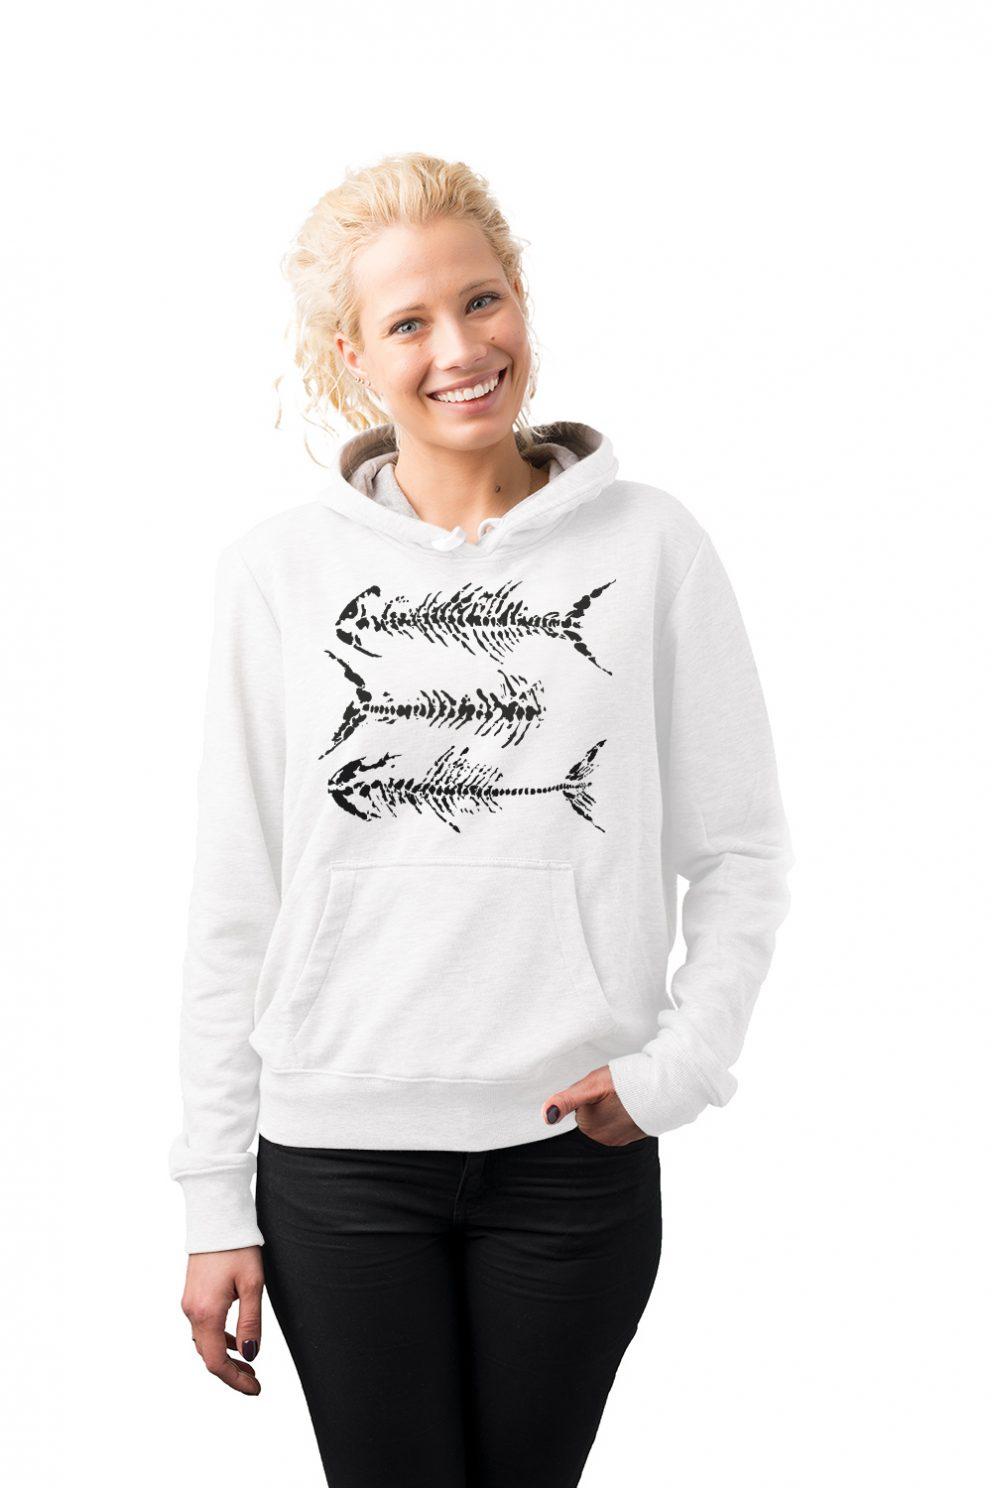 Kyst-shirt Kalvag West Hoodie